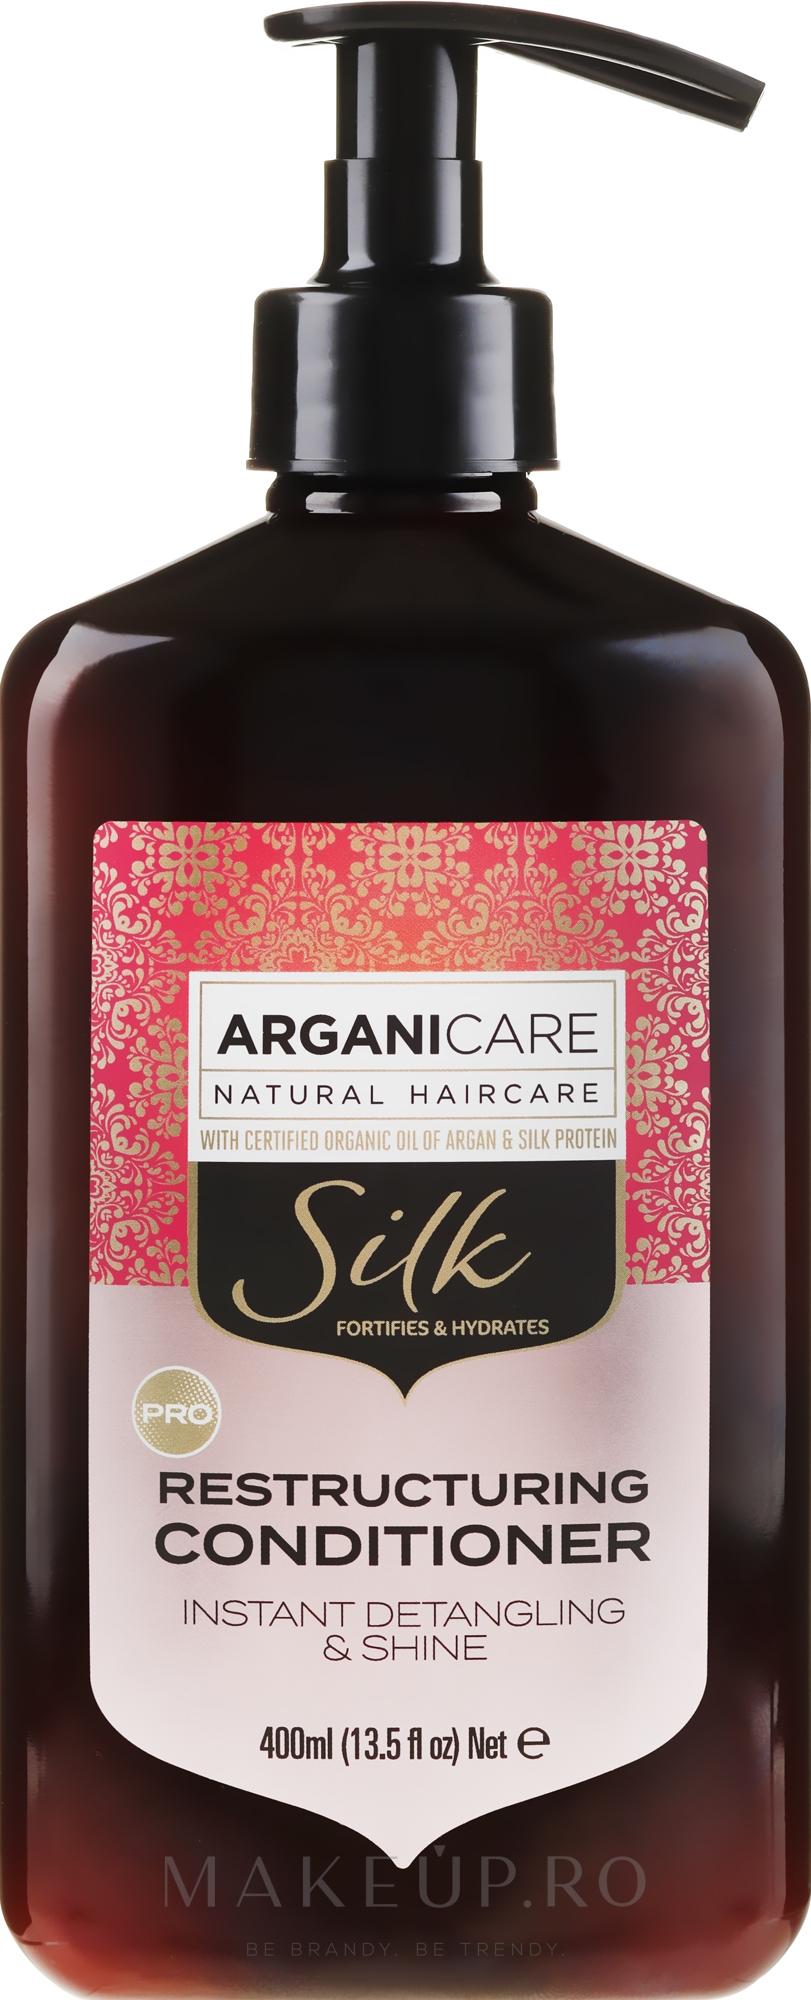 Balsam regenerant cu proteine de mătase pentru păr - Arganicare Silk Restructuring Conditioner — Imagine 400 ml